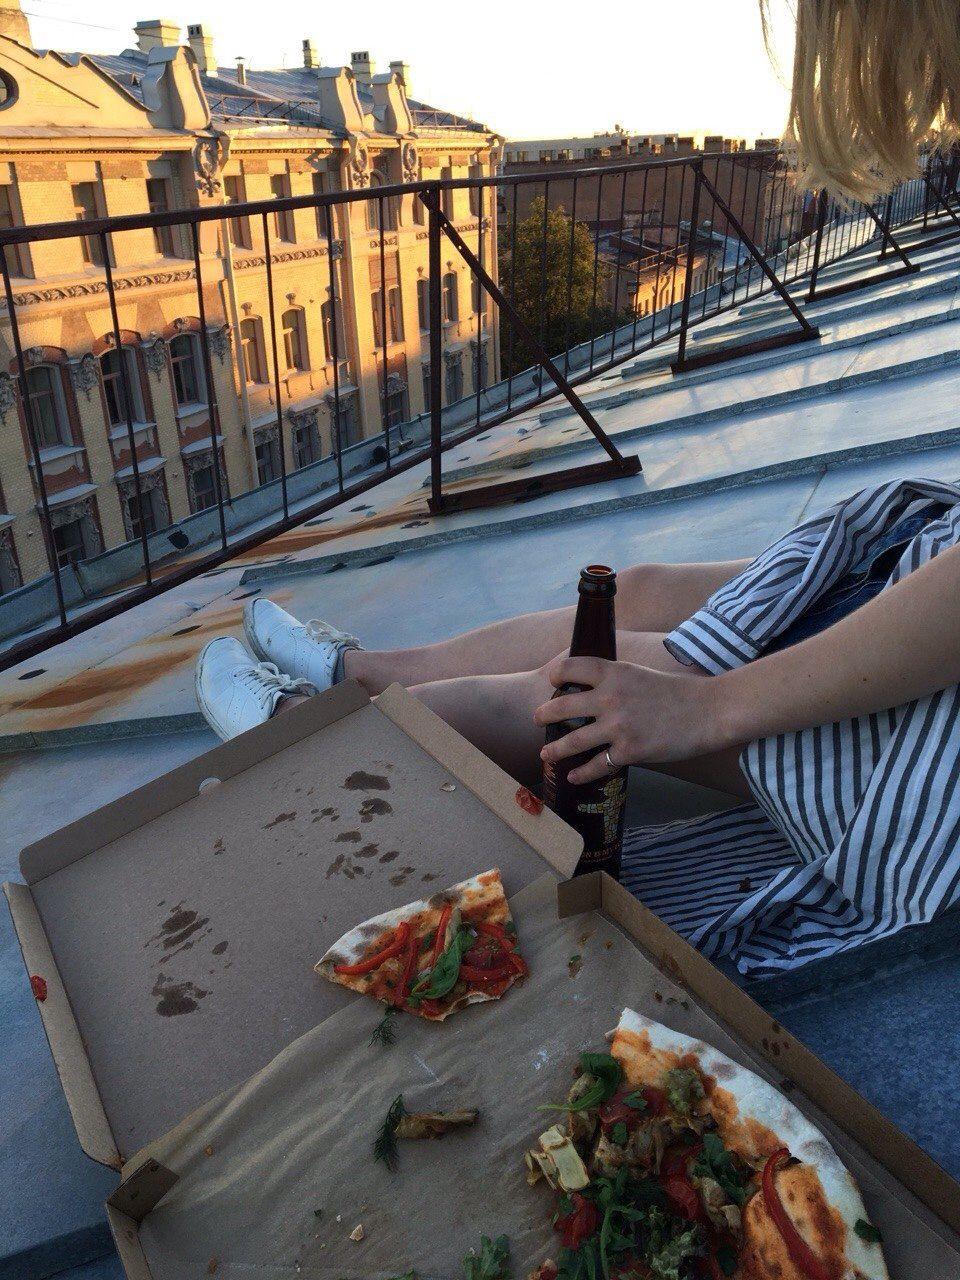 o tal vez pizza en el techo …?! El | por qué no | diviértete | ser un jefe